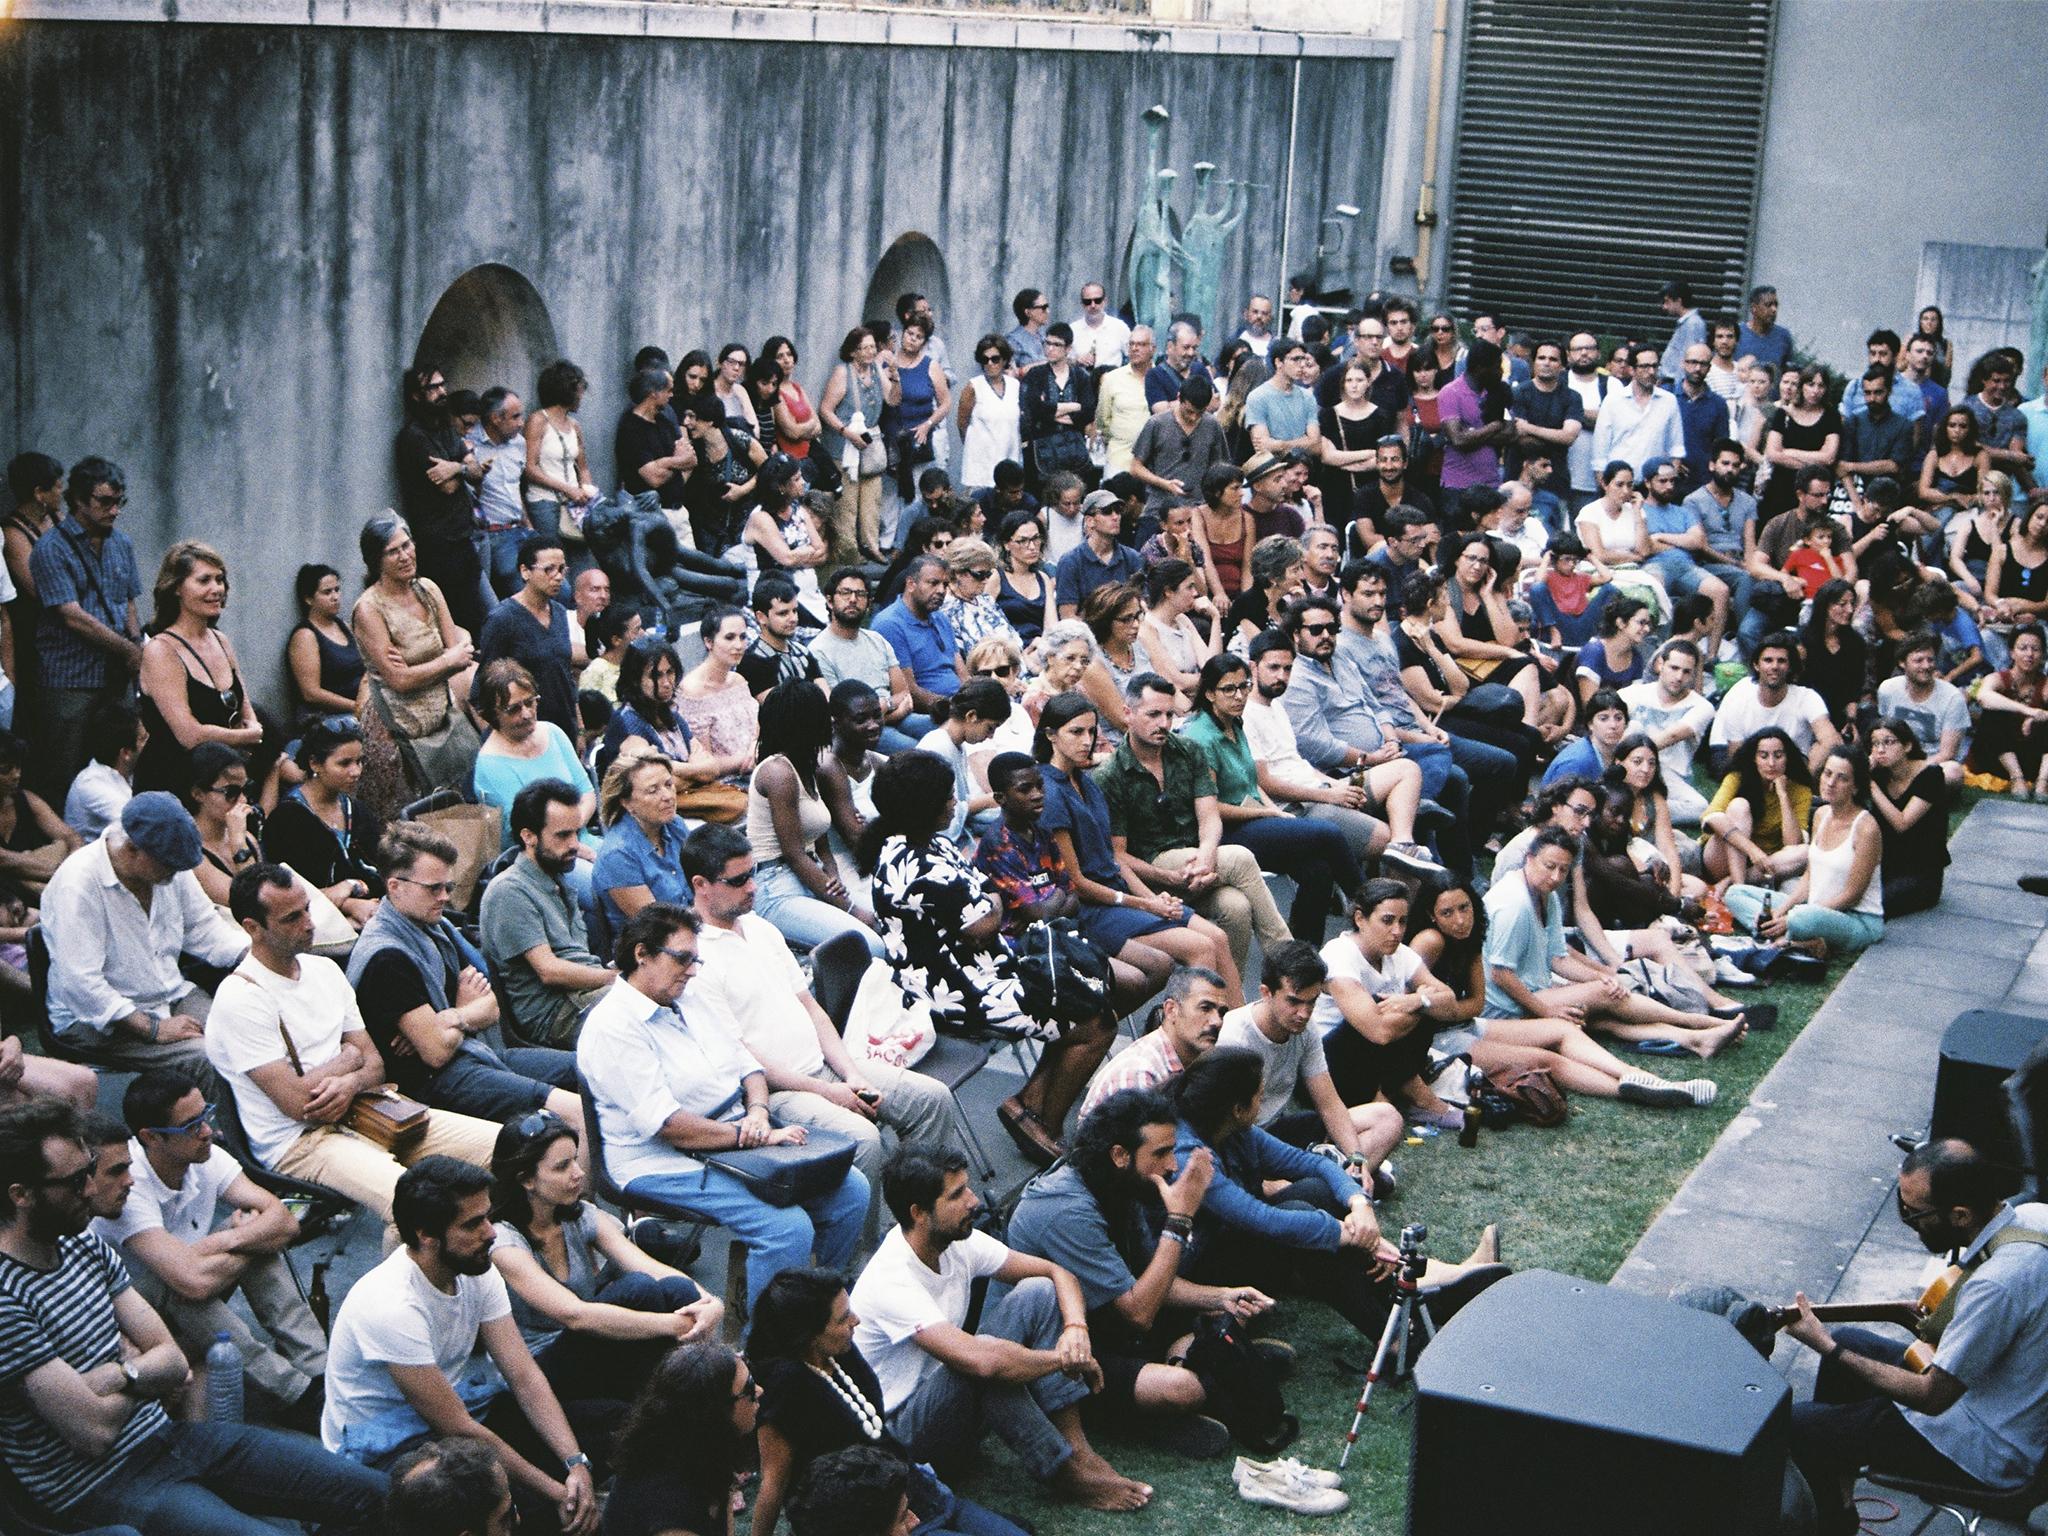 Assistir a um concerto gratuito no jardim do Museu do Chiado